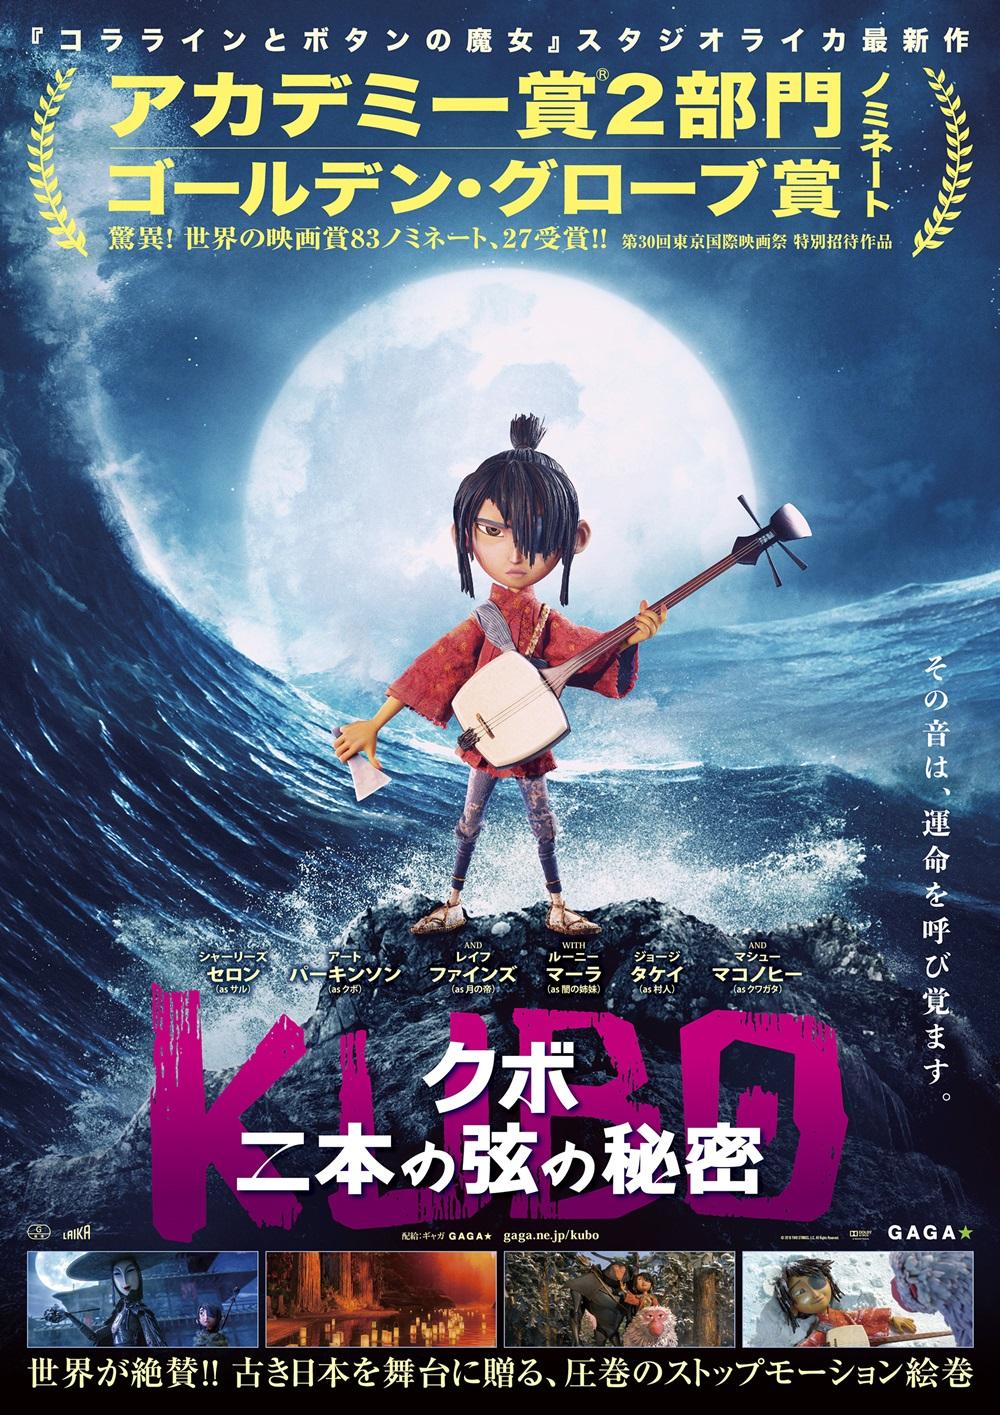 【画像】映画『KUBO/クボ 二本の弦の秘密』ポスタービジュアル